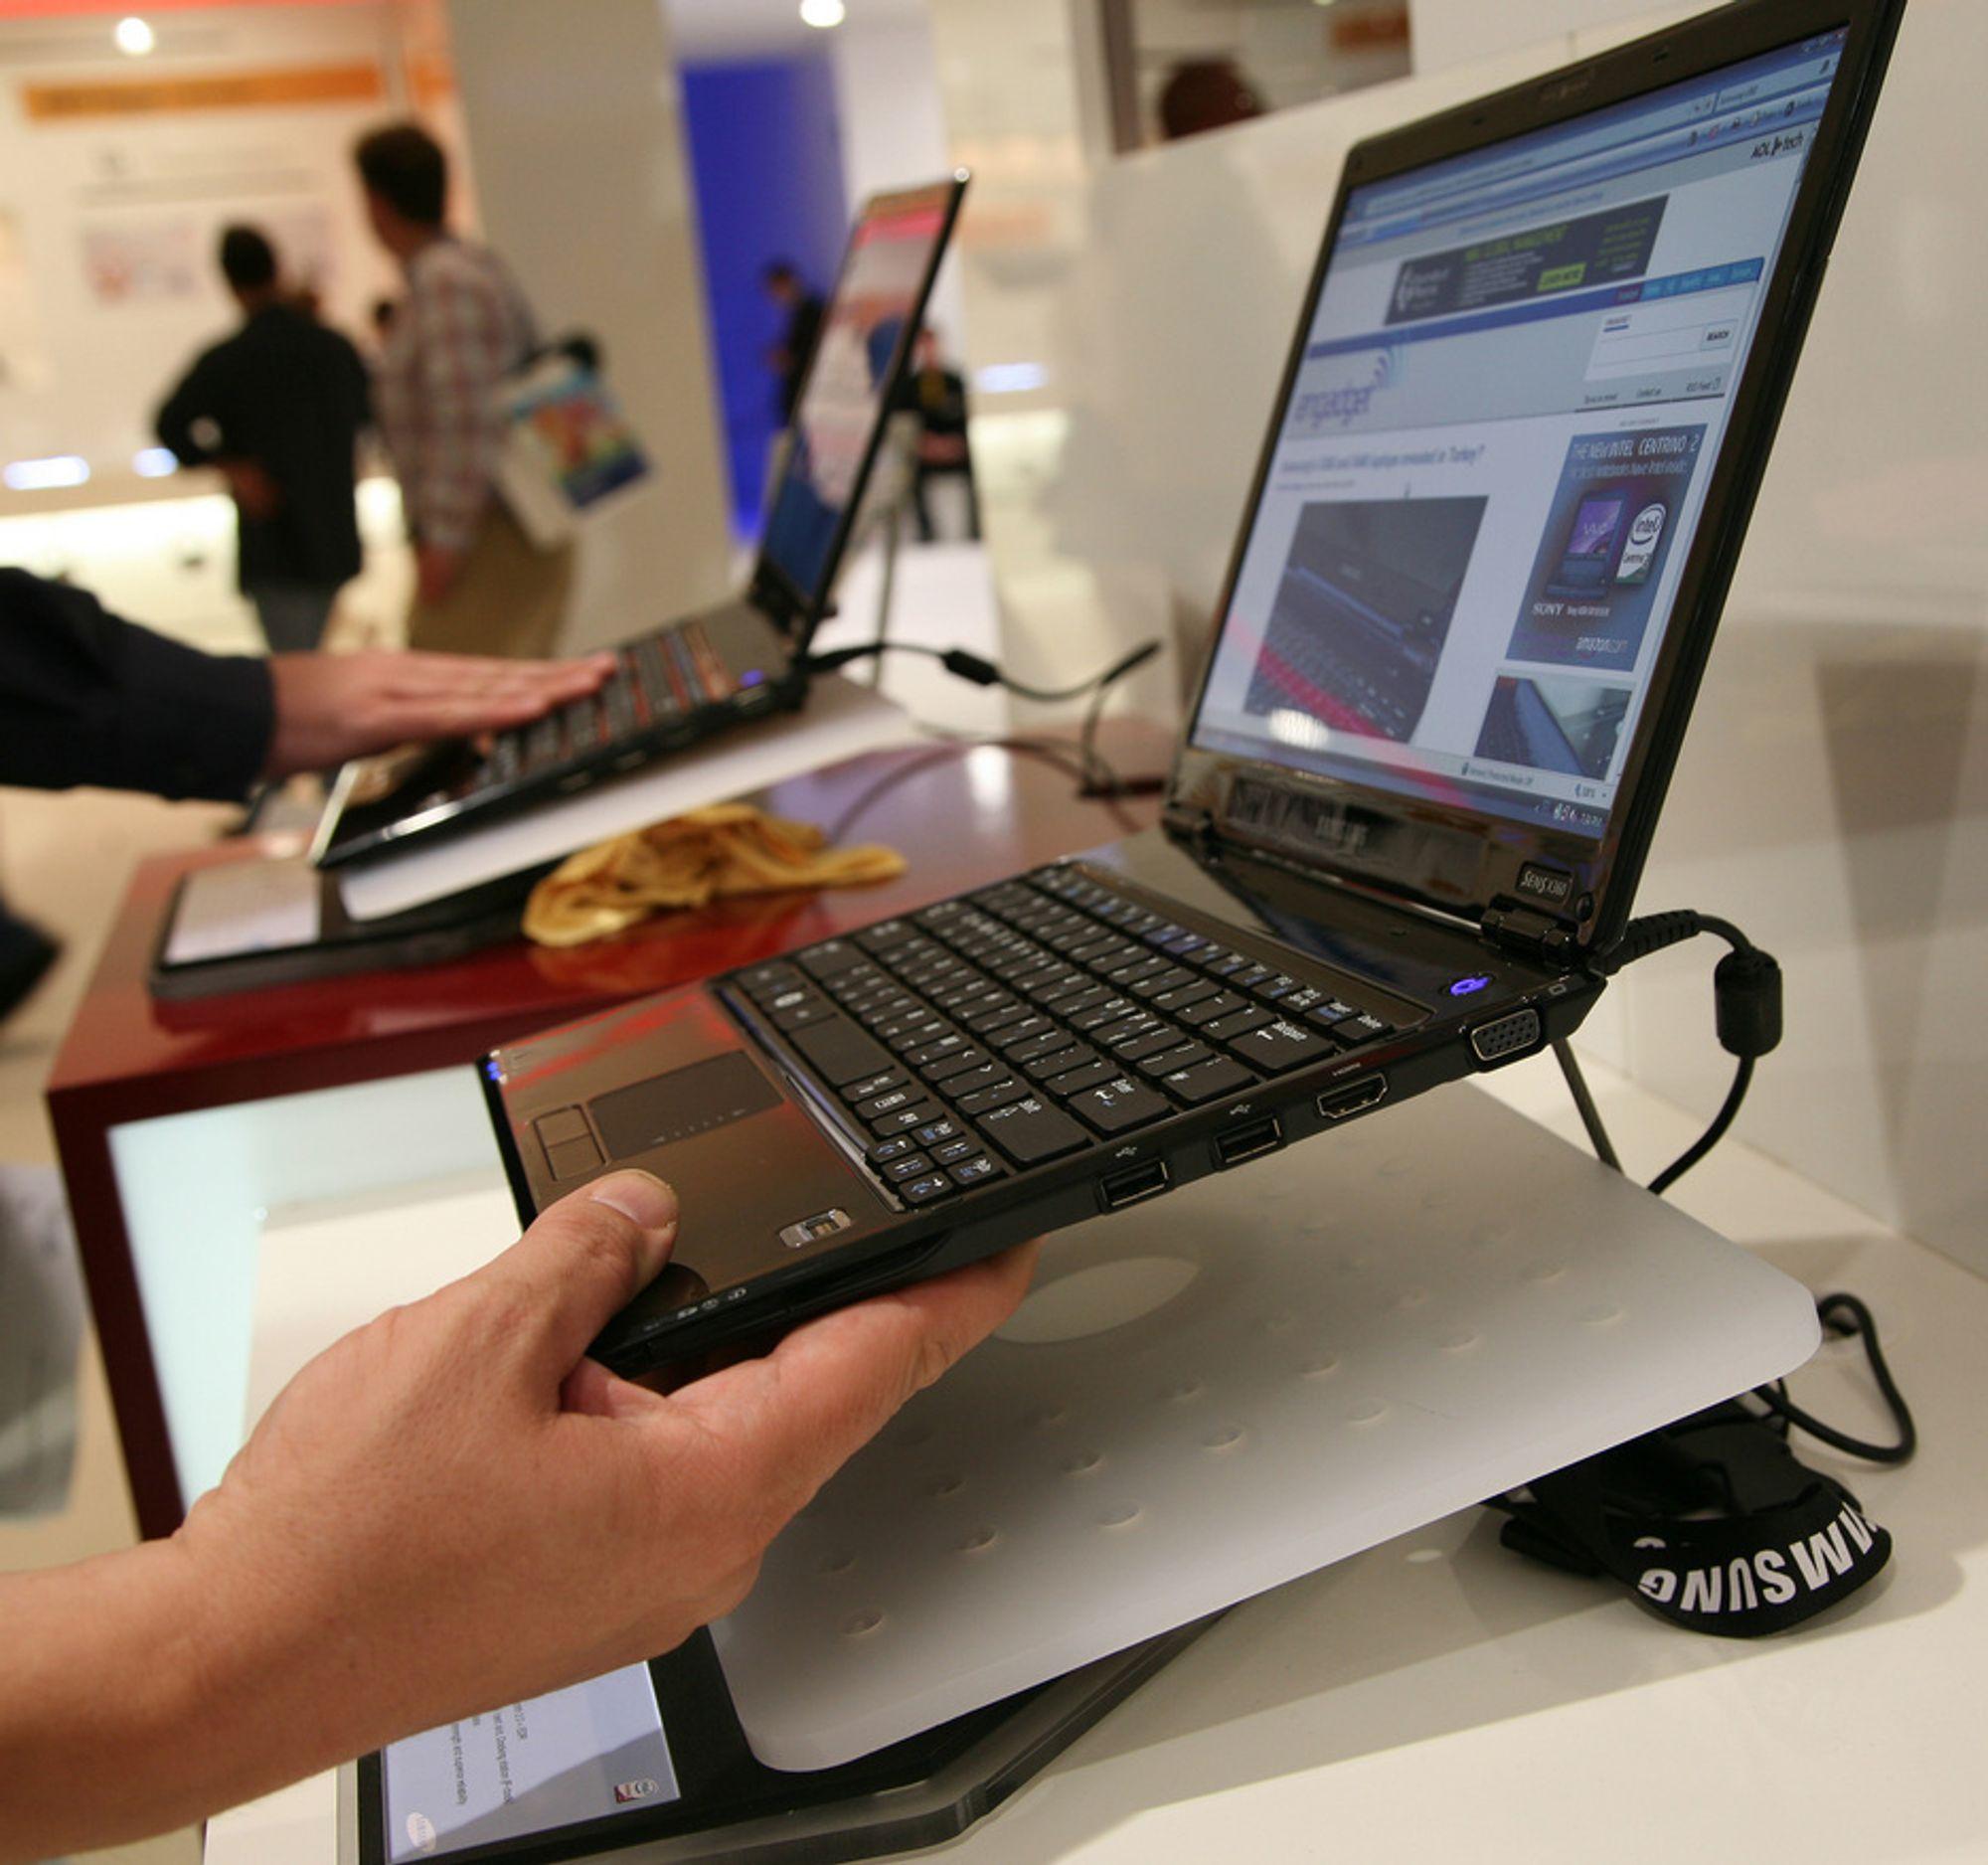 IFA: Samsung lanserte X360, en superlett og svært tynn laptop som skal ta opp kampen med Apples Macbook Air.